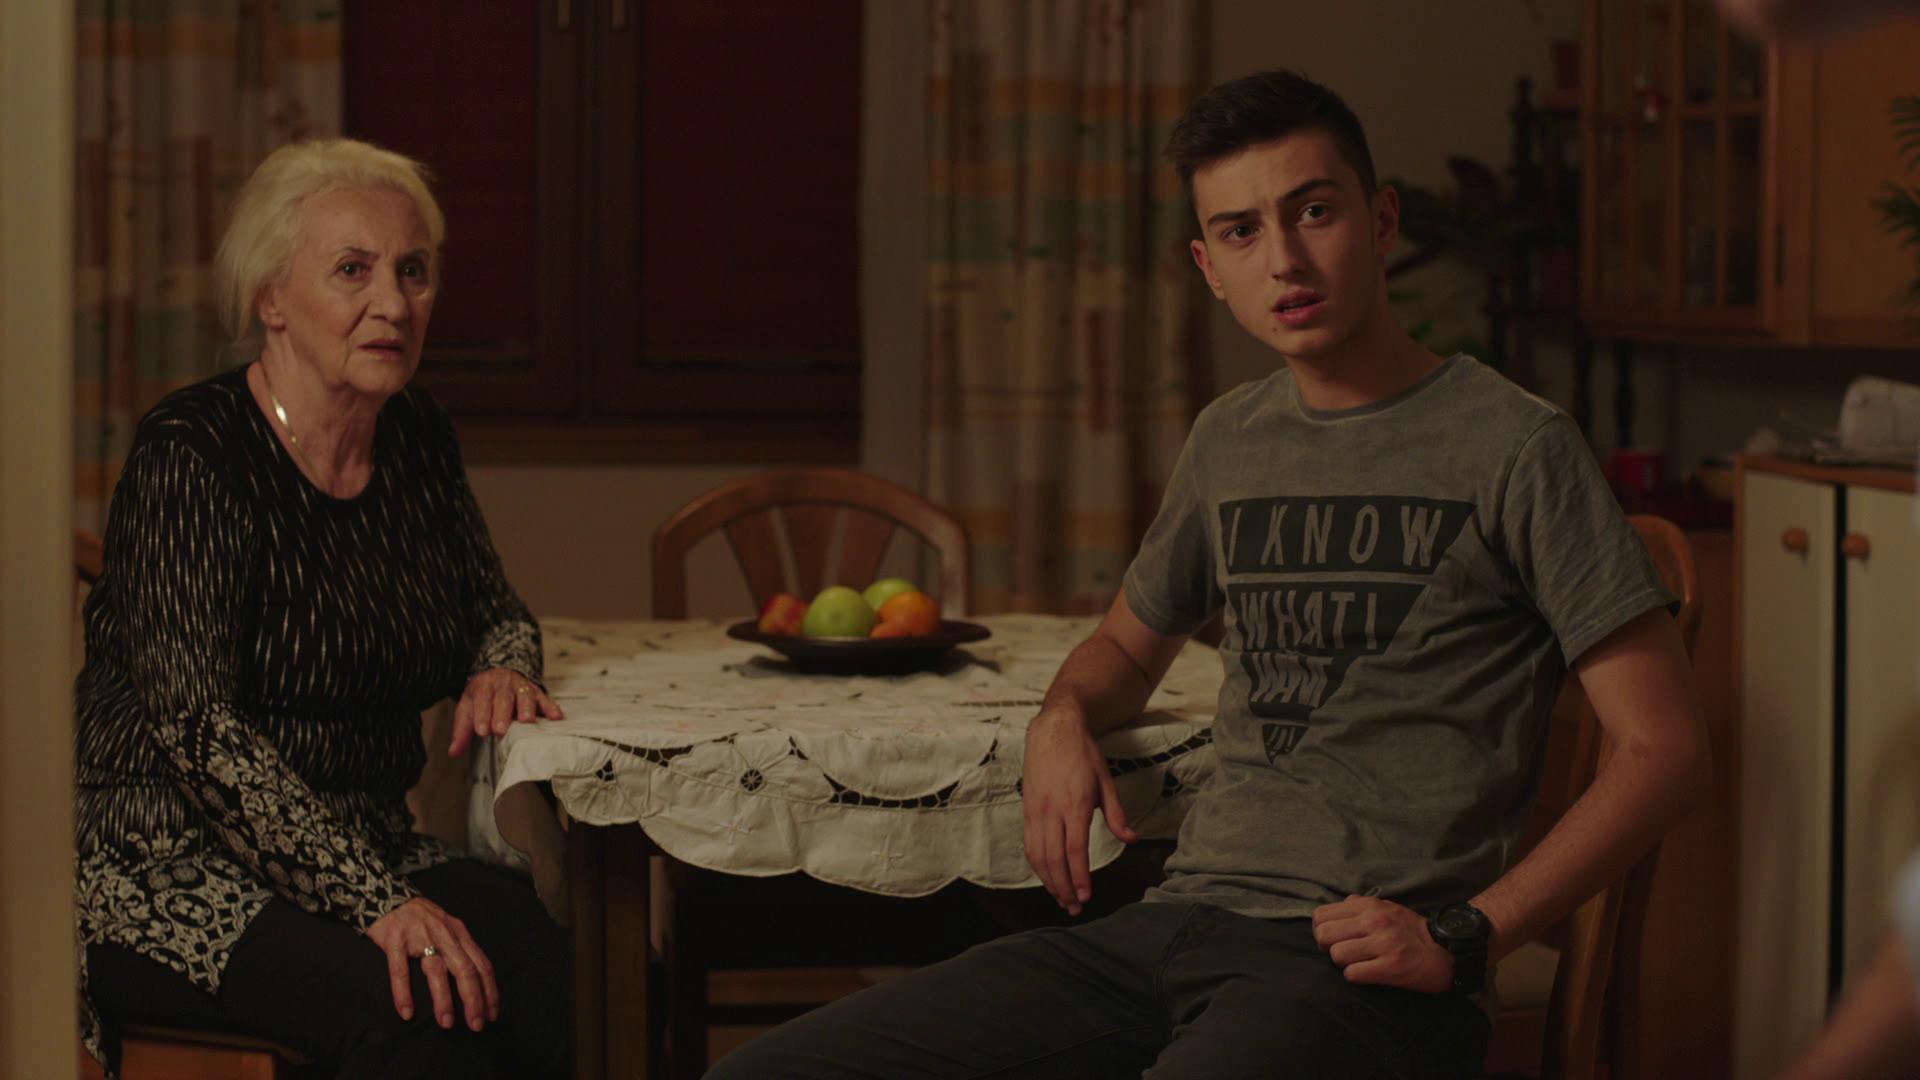 (1) pochnuva-novata-makedonska-tv-serija-familijata-markovski-na-kanal-5-www.kafepauza.mk